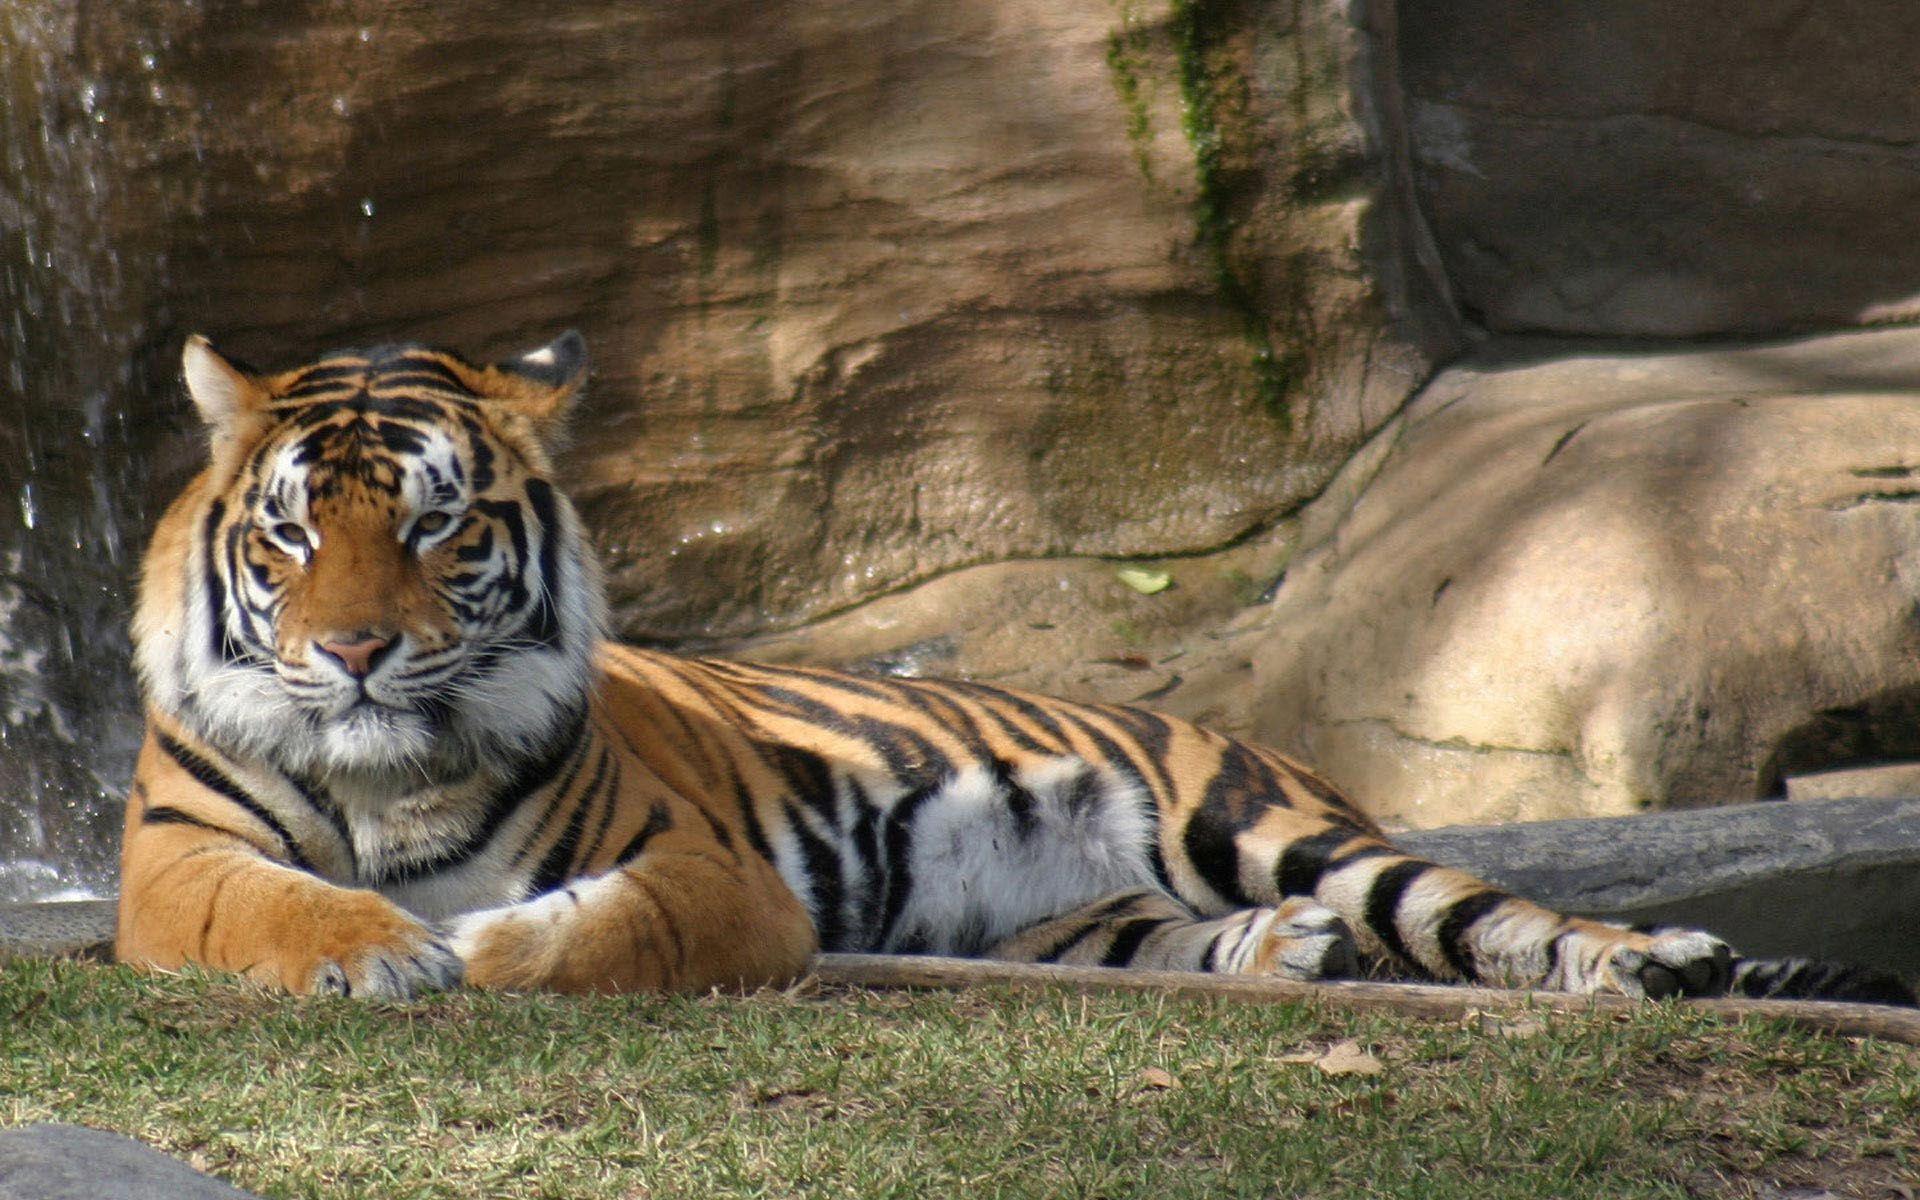 Tiger Wallpaper Pet Tiger Tiger Wallpaper Tiger Walking